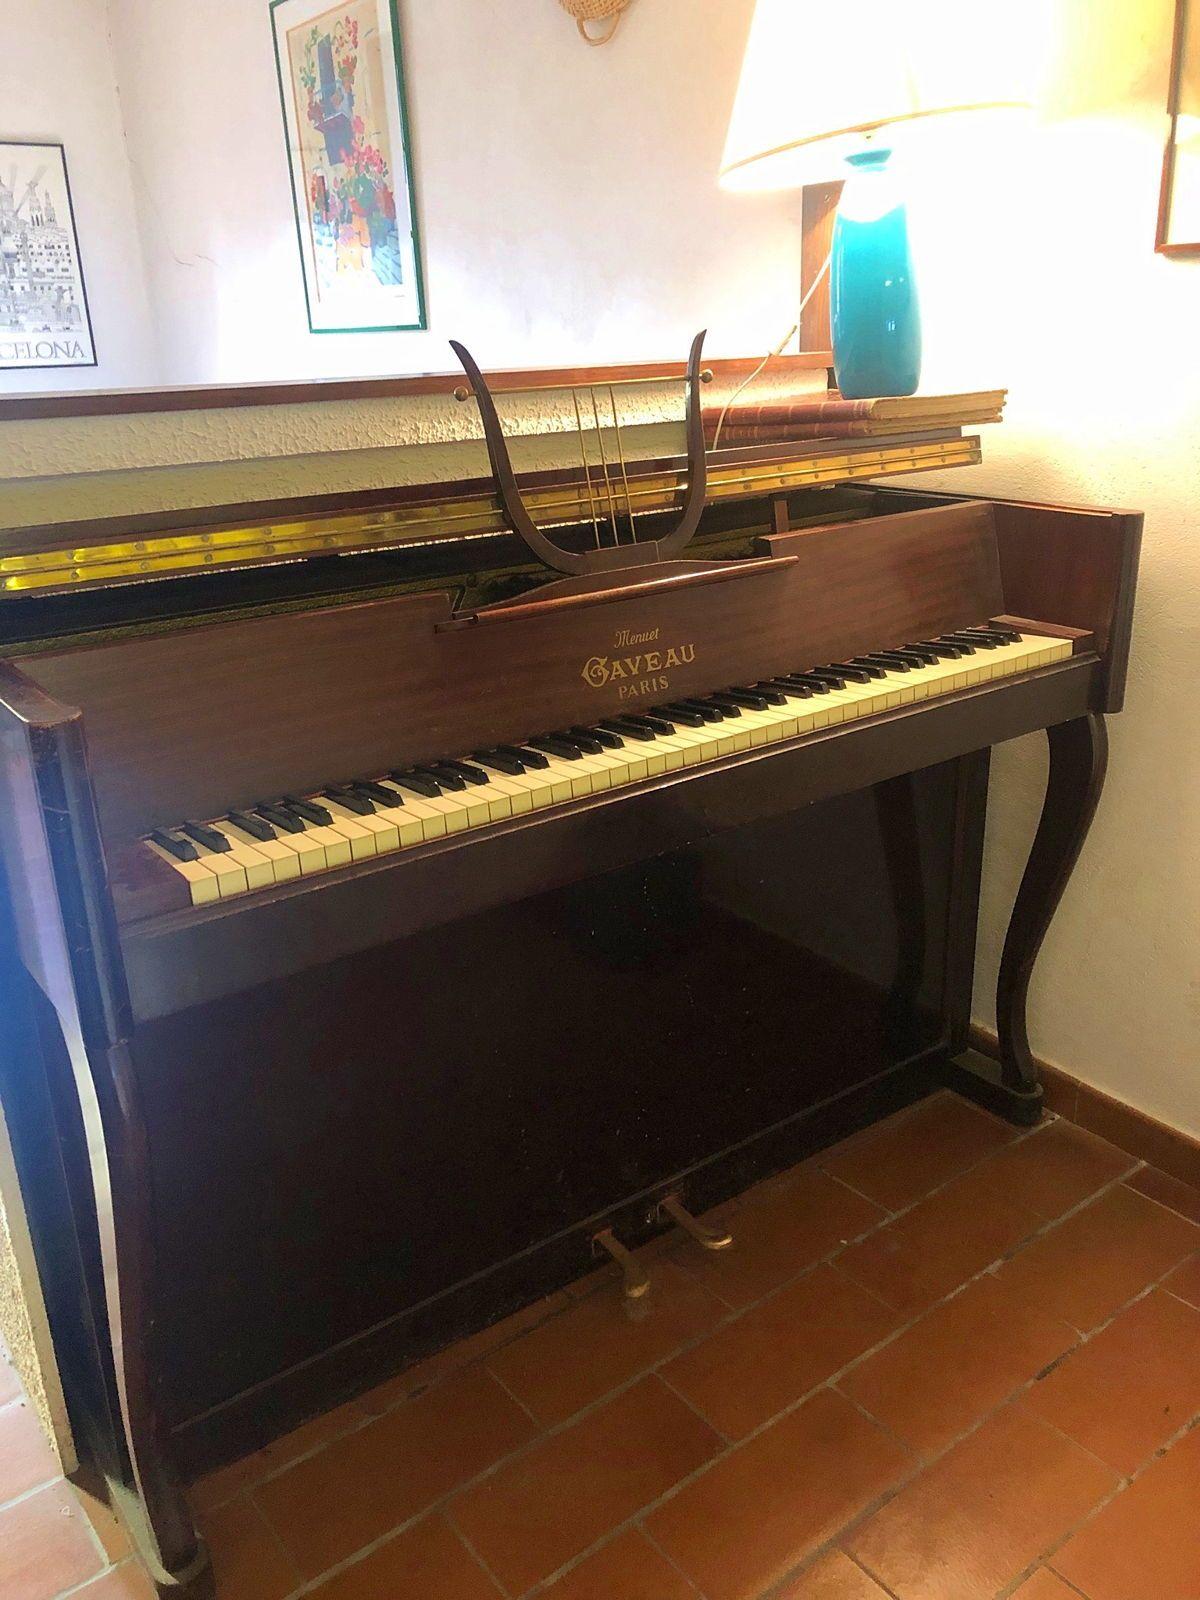 Vends un piano droit Gaveau Menuet